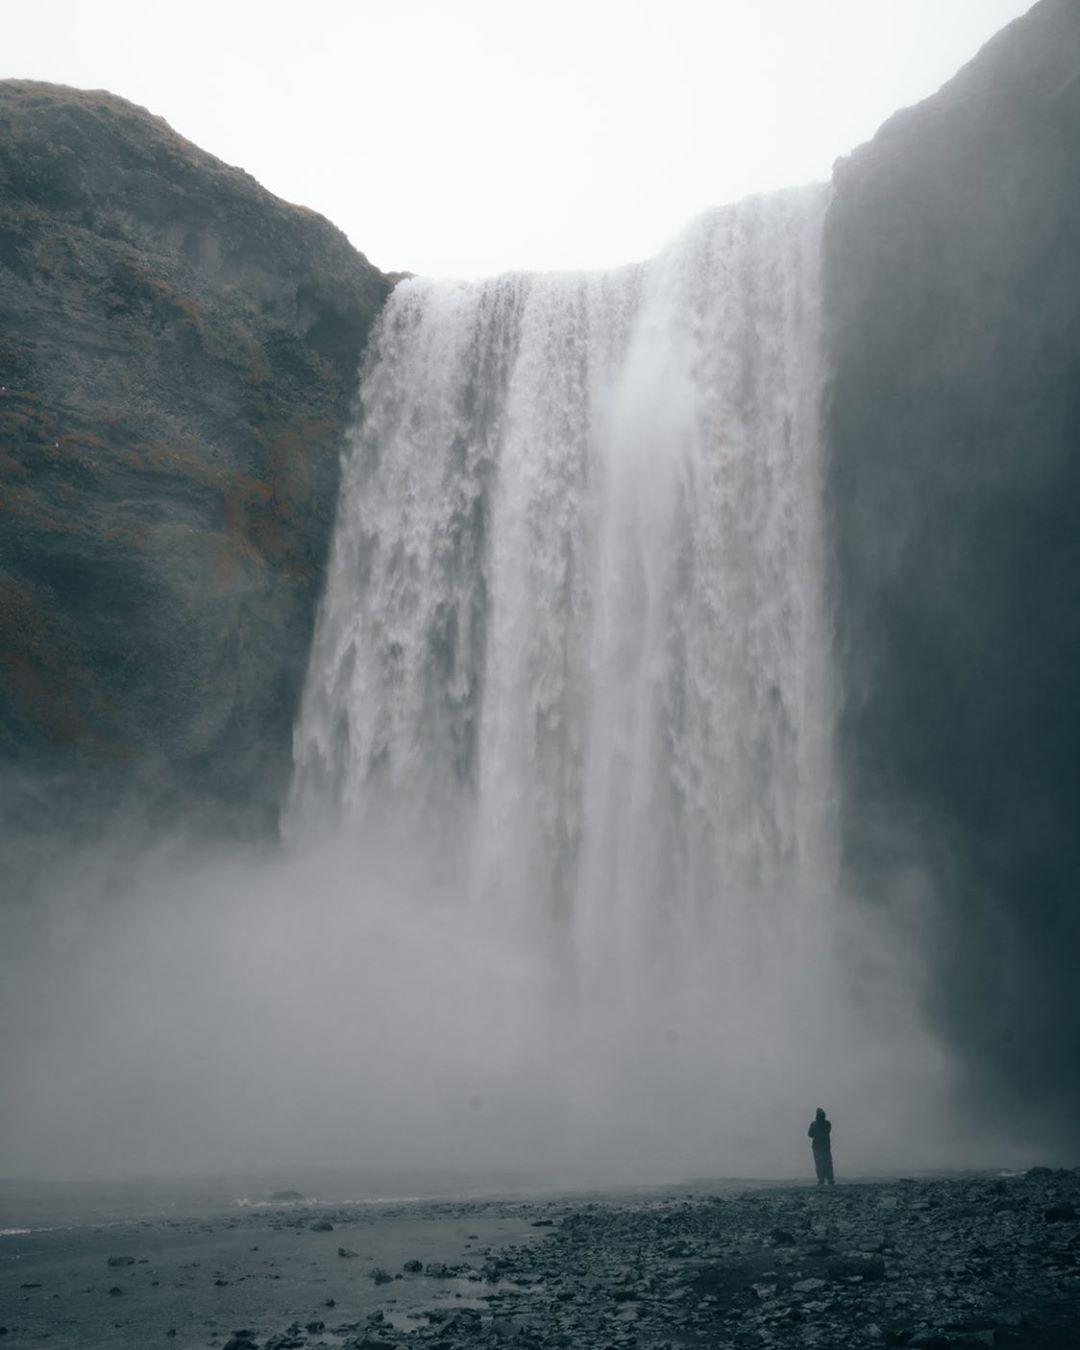 Впечатляющие снимки из путешествий Криса Н